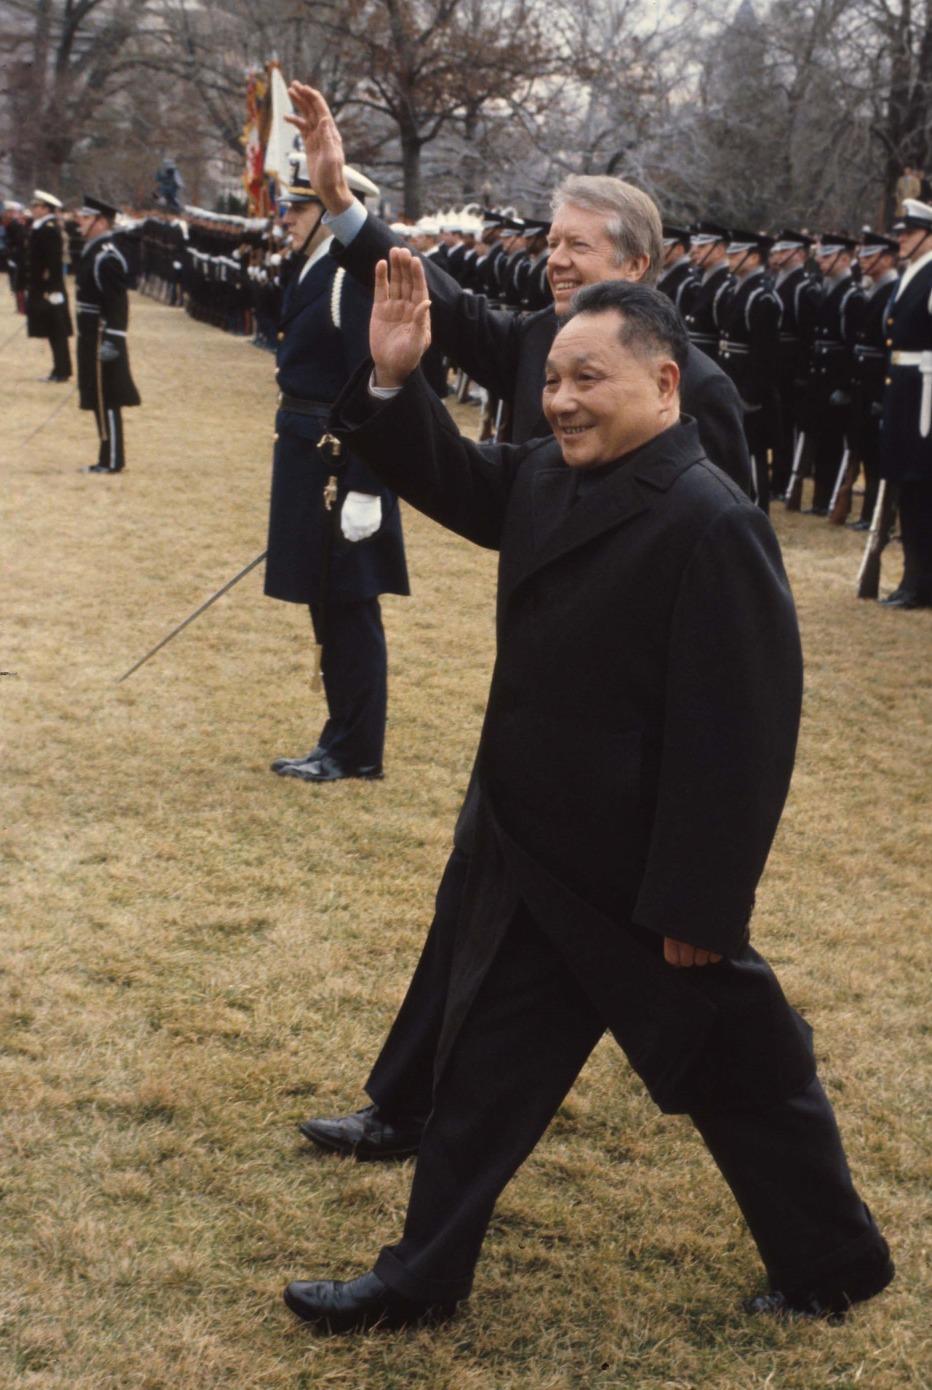 於美國人以為的中國共產黨國家領導人形象是僵硬死板的,卻在鄧小平身上找不到。圖片攝於1979年。(圖片來源:Getty)